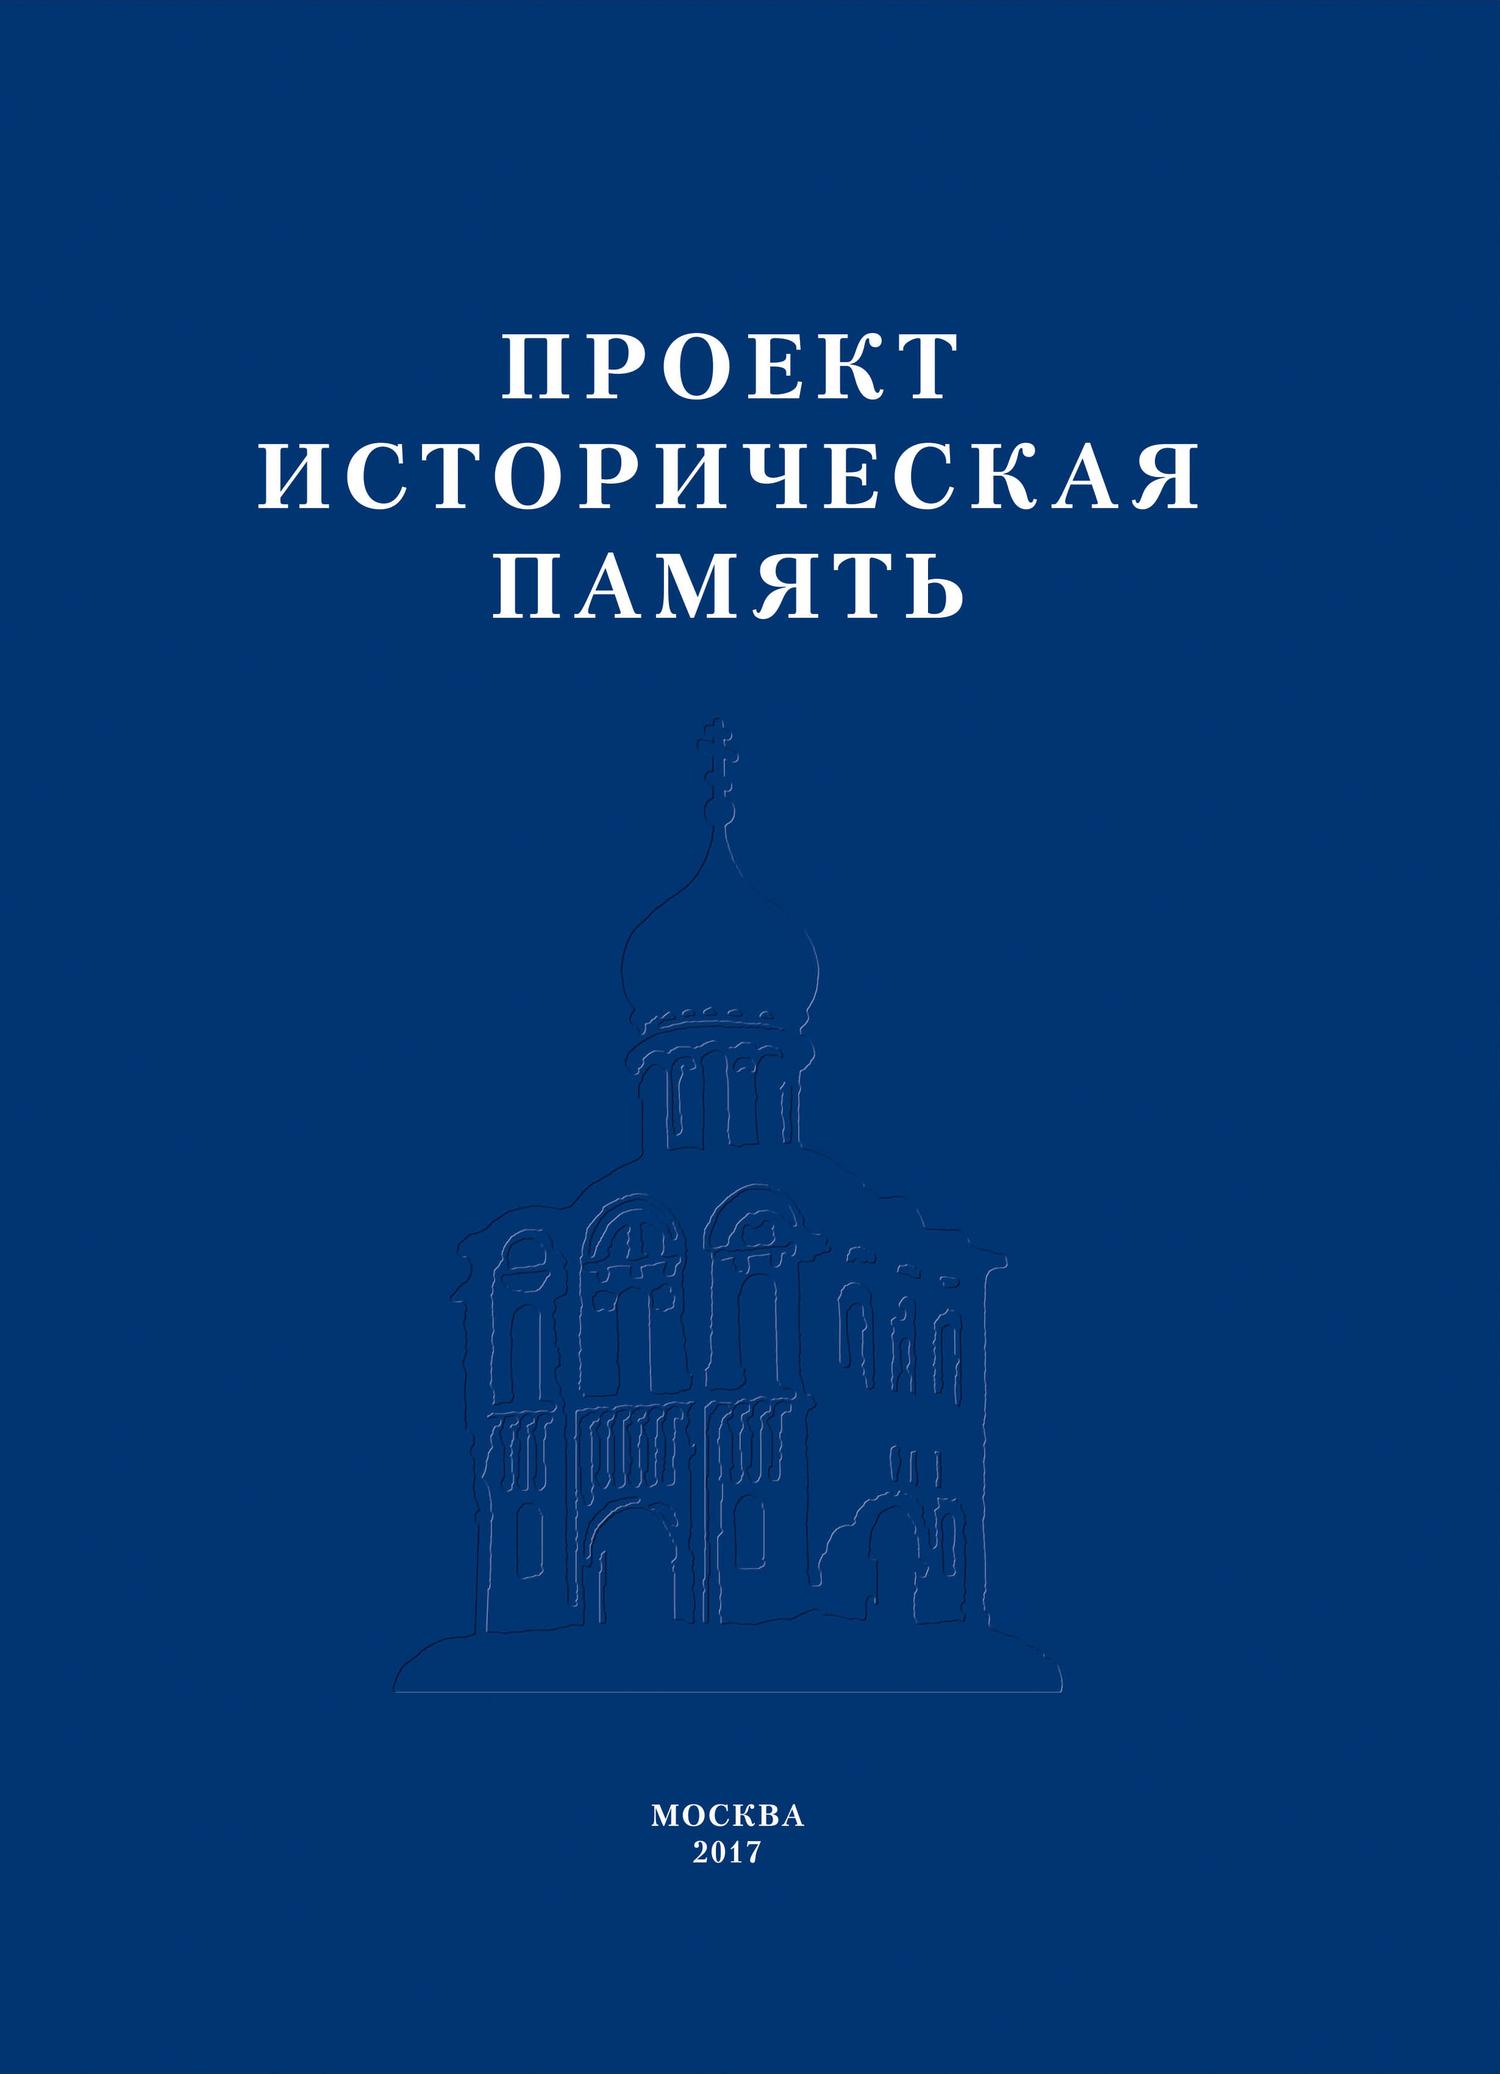 Проект «Историческая память»